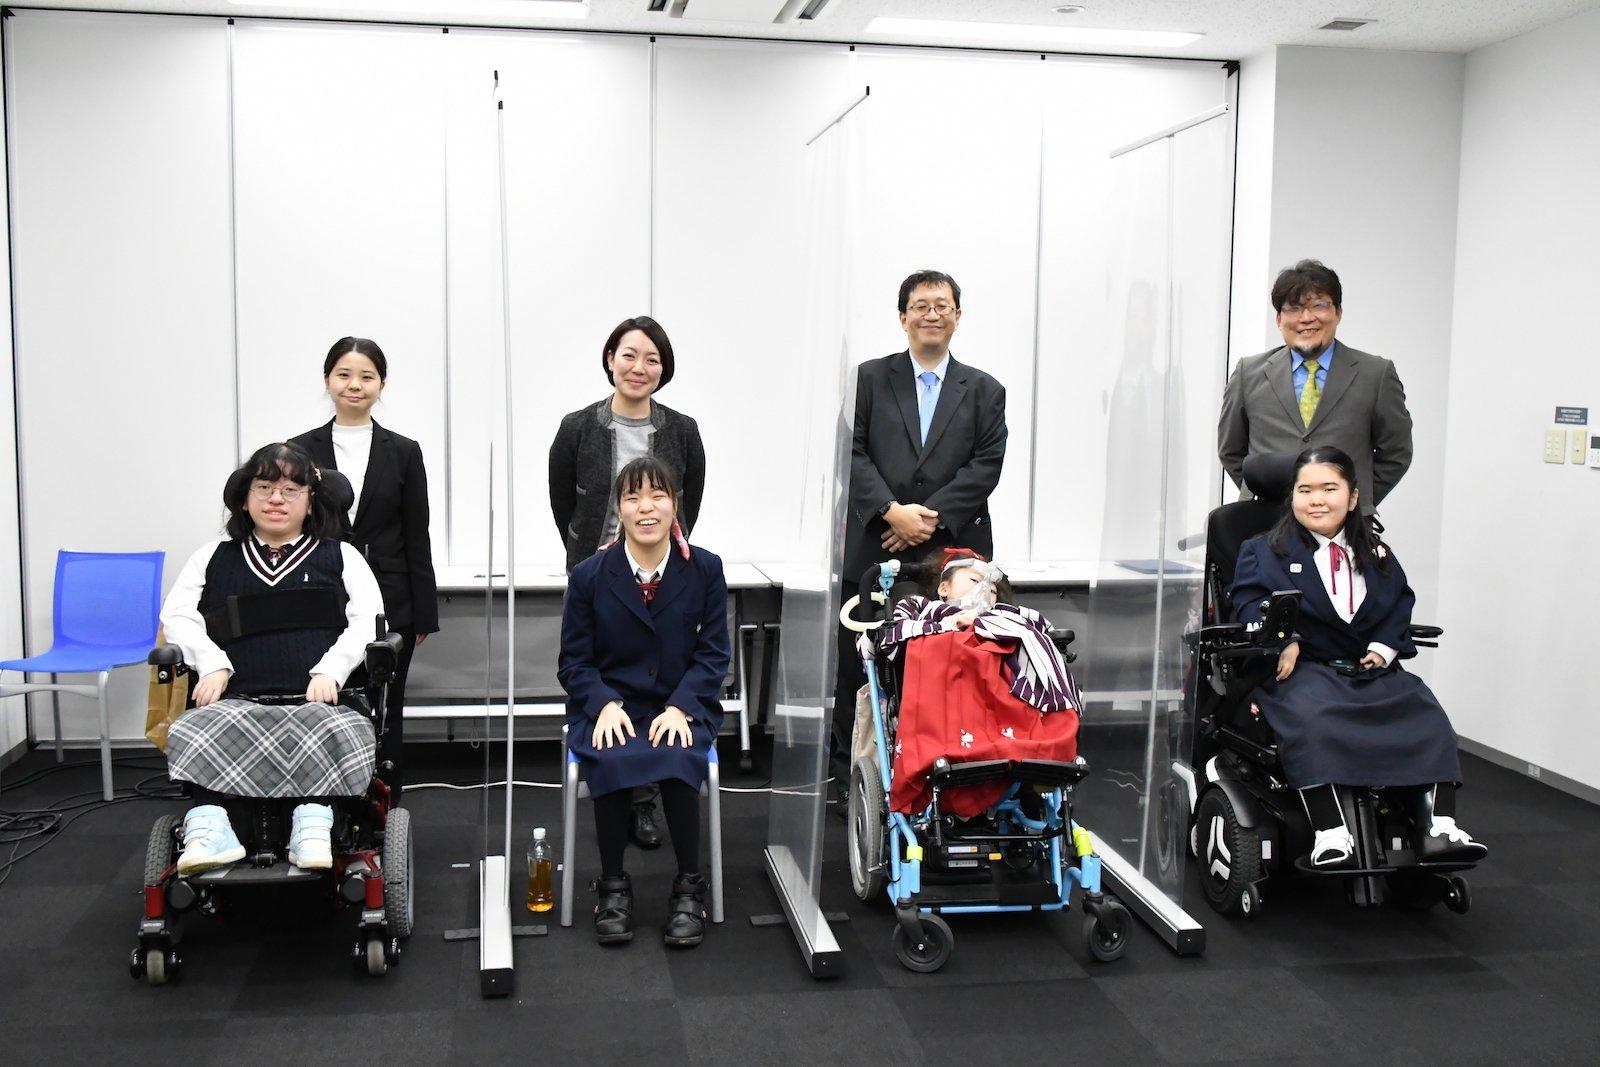 写真:筑波大学附属桐が丘特別支援学校 代表の皆さん